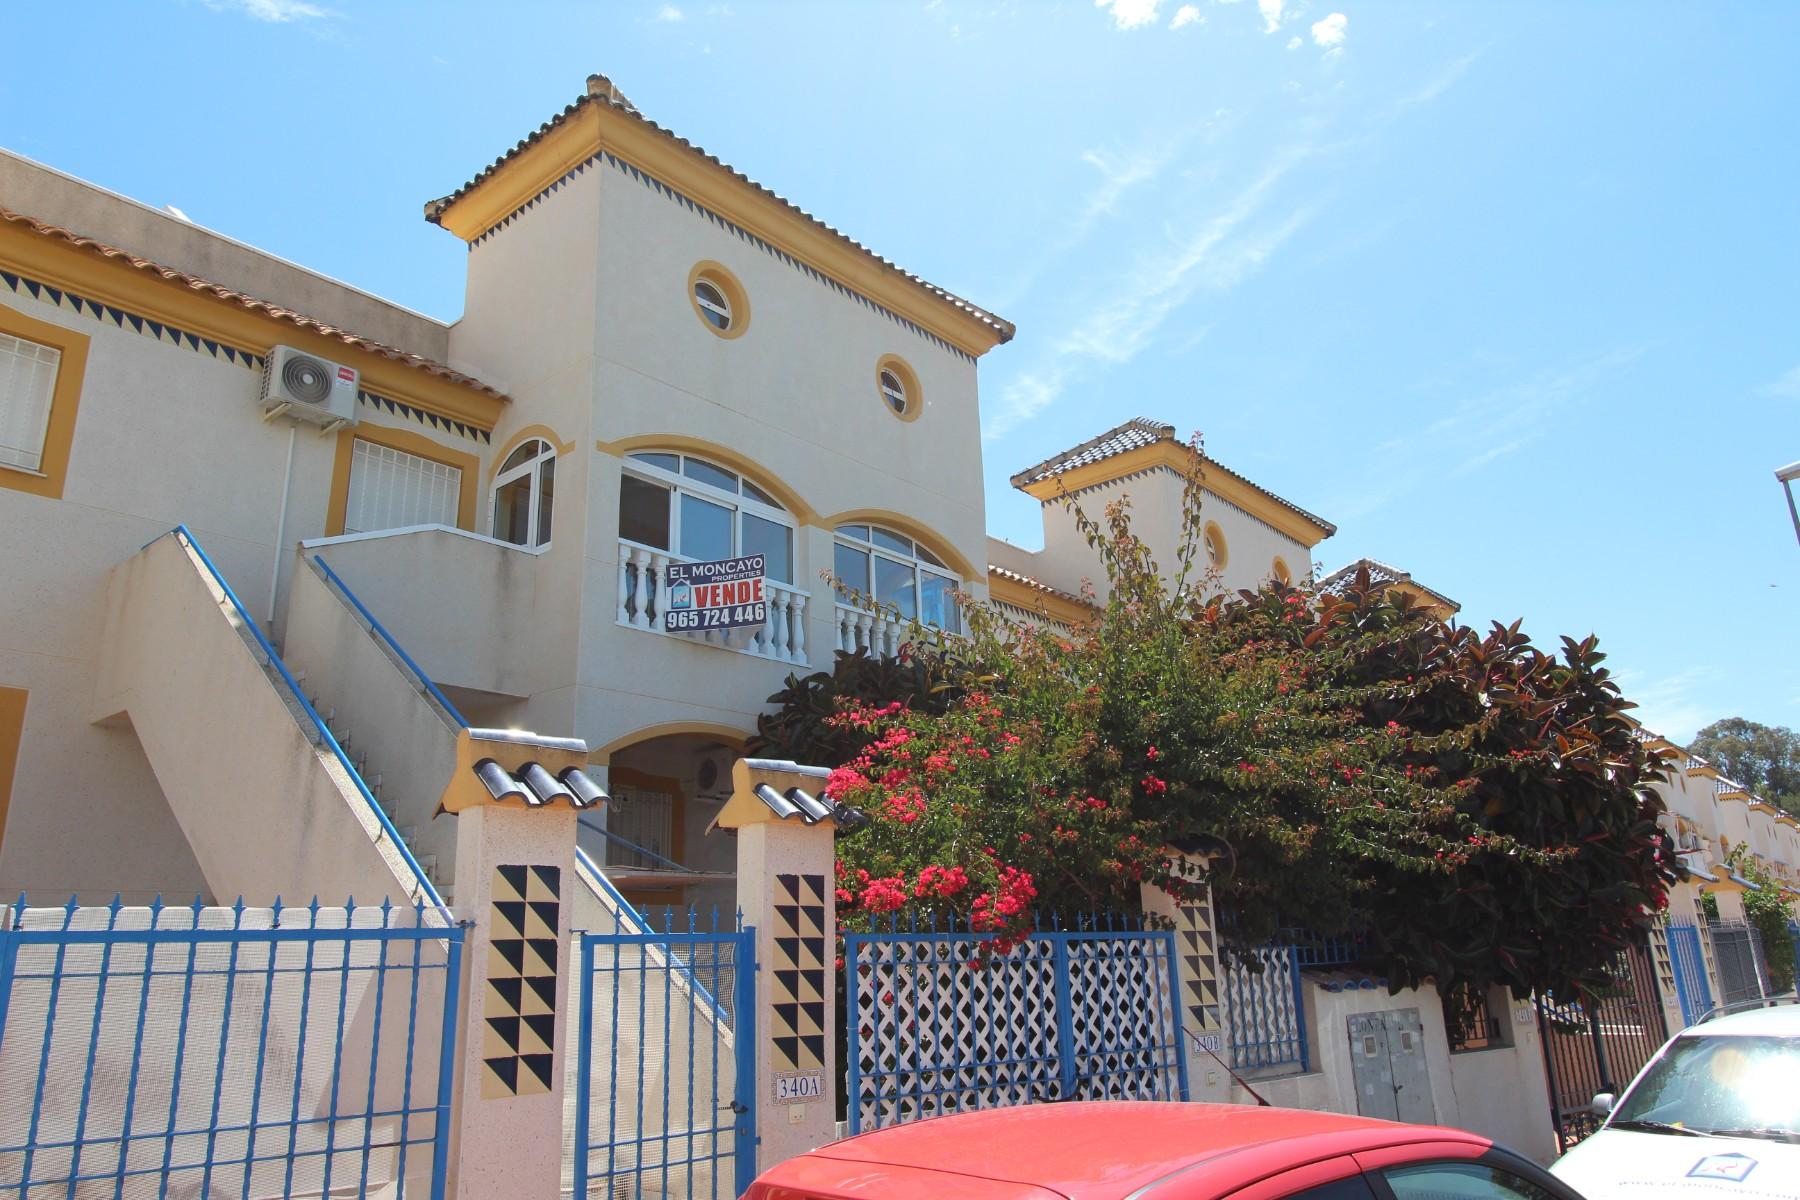 Ref:Emp 4433 XCODK-166 Villa For Sale in Guardamar del Segura